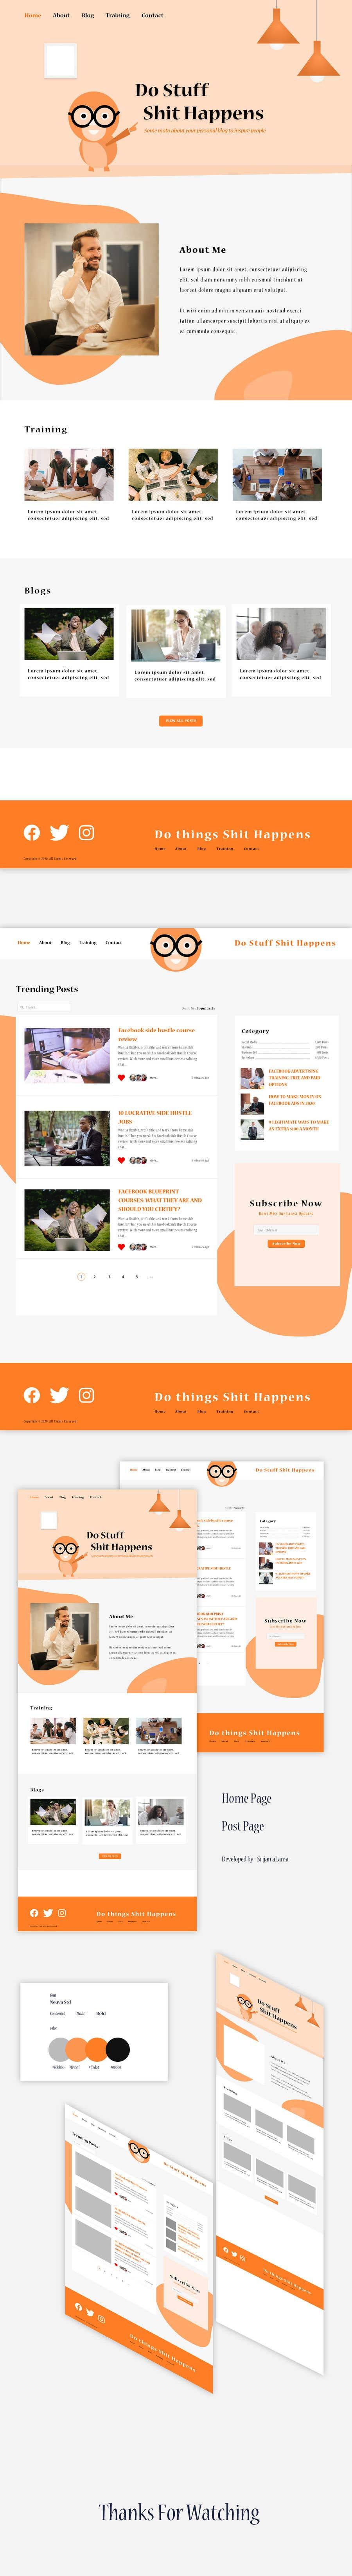 Penyertaan Peraduan #                                        62                                      untuk                                         Design and build a Wordpress blog website